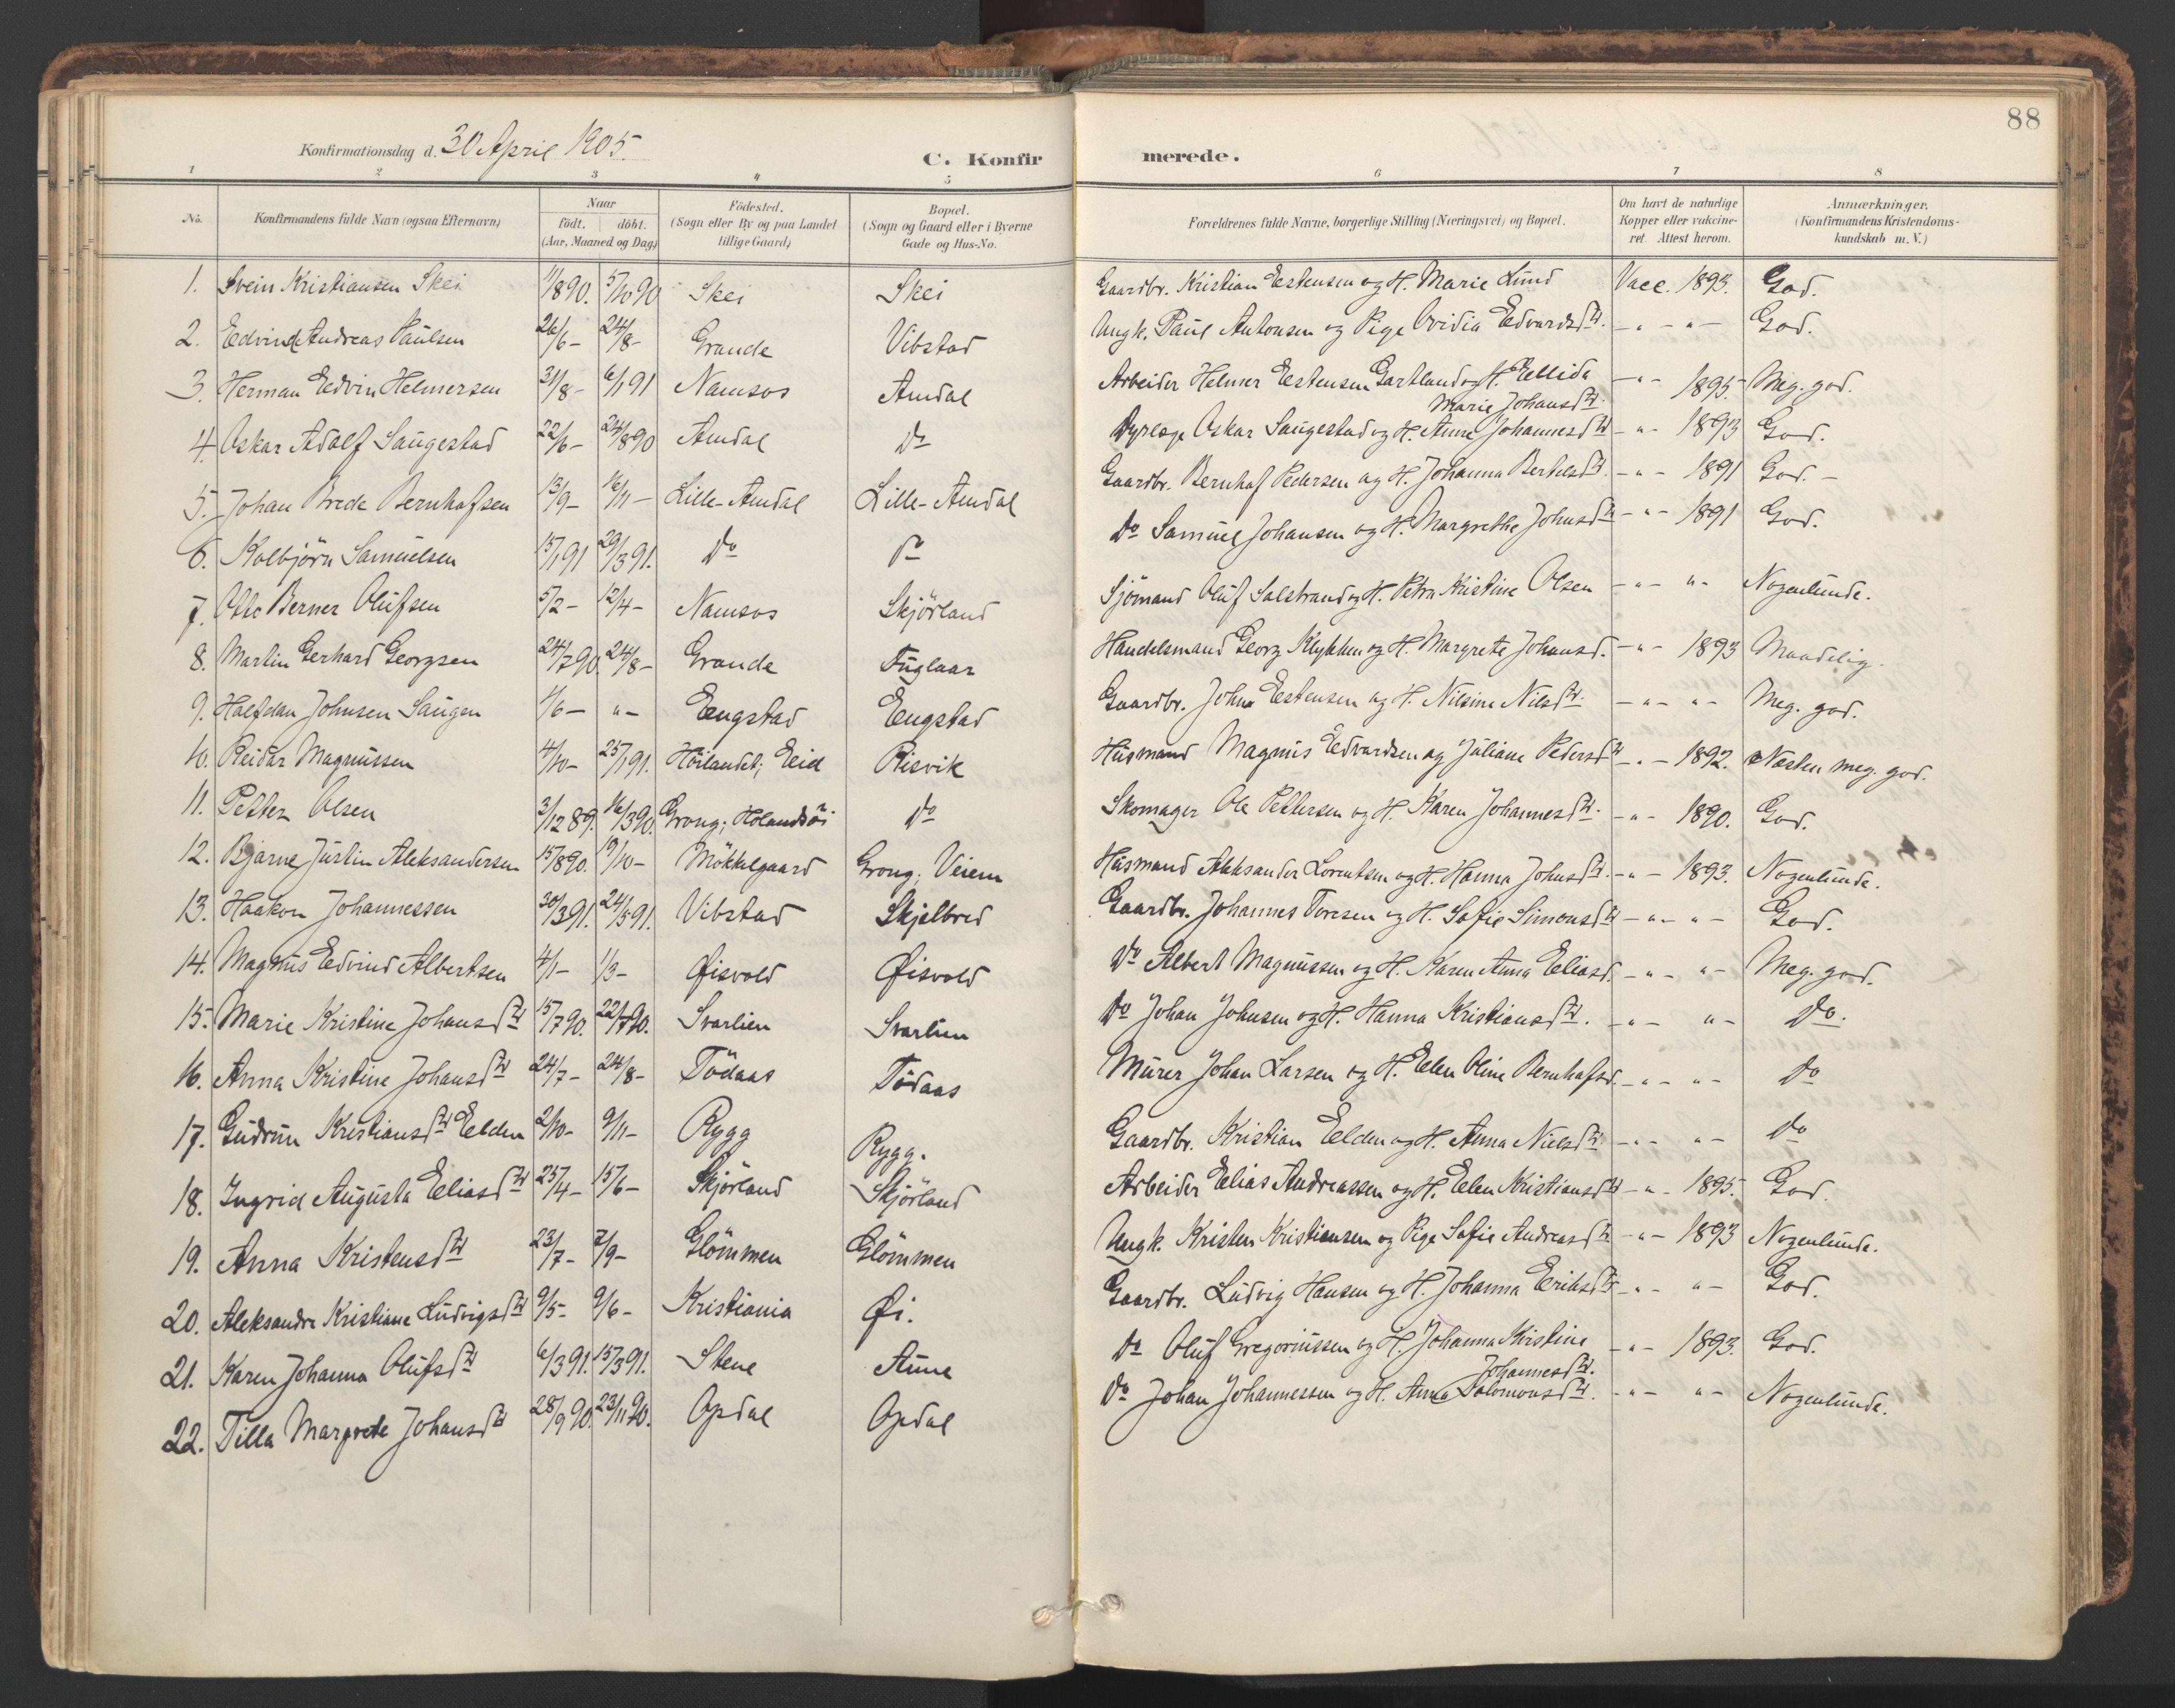 SAT, Ministerialprotokoller, klokkerbøker og fødselsregistre - Nord-Trøndelag, 764/L0556: Ministerialbok nr. 764A11, 1897-1924, s. 88